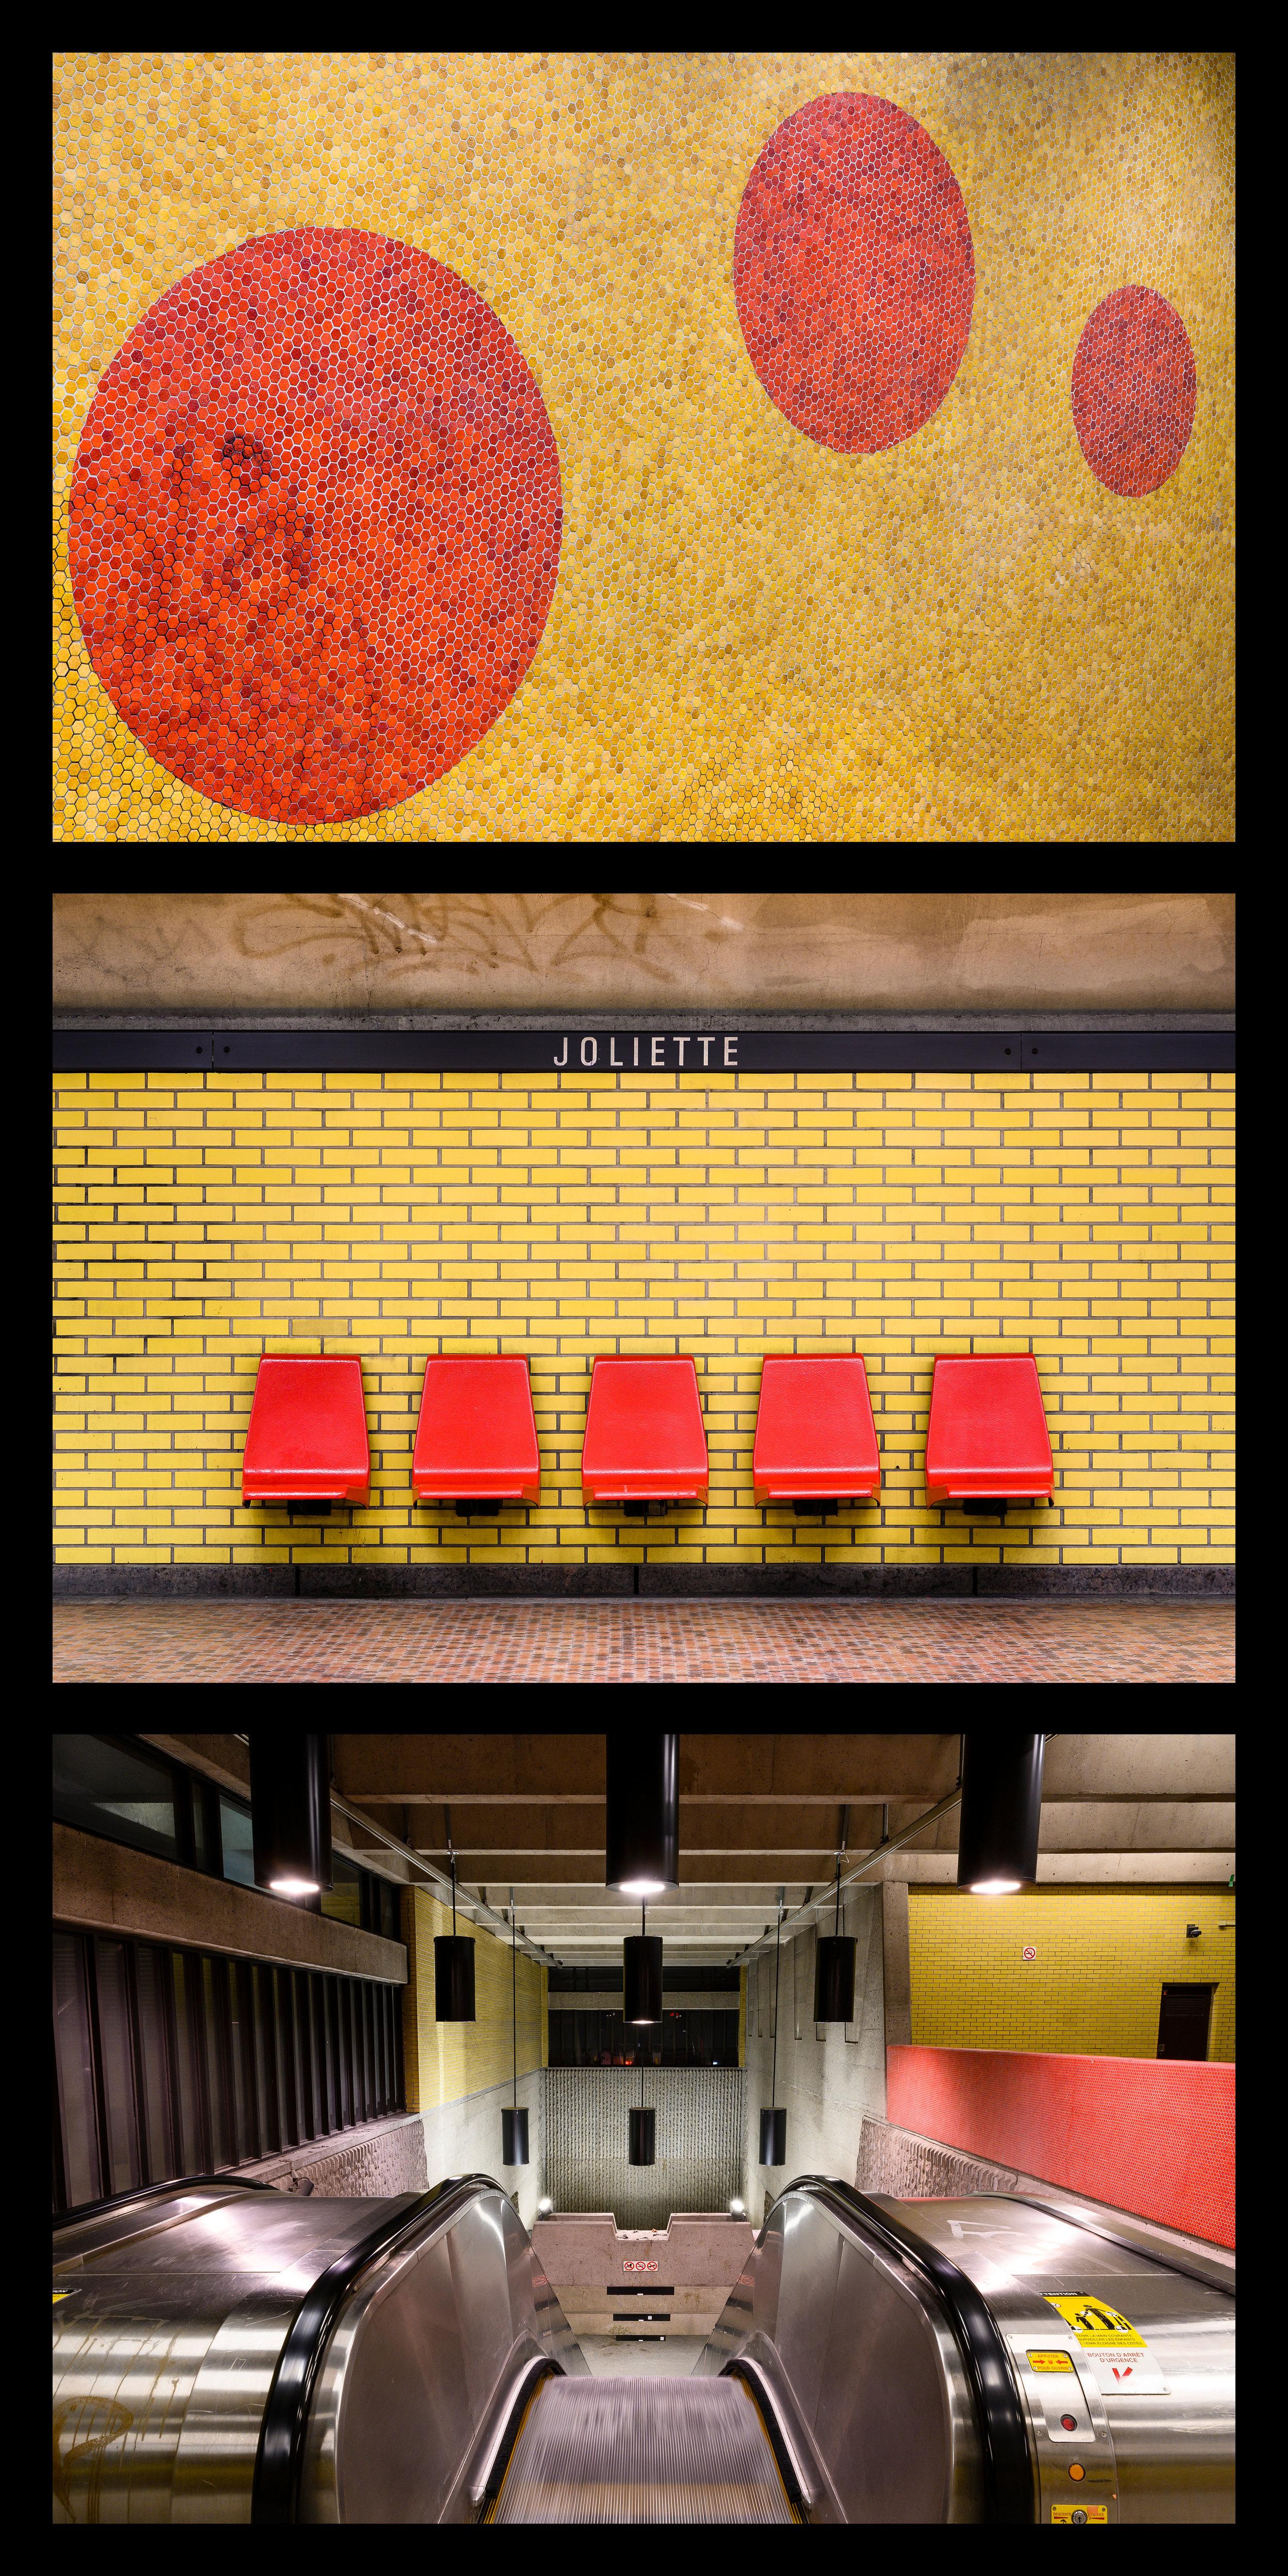 Joliette.jpg